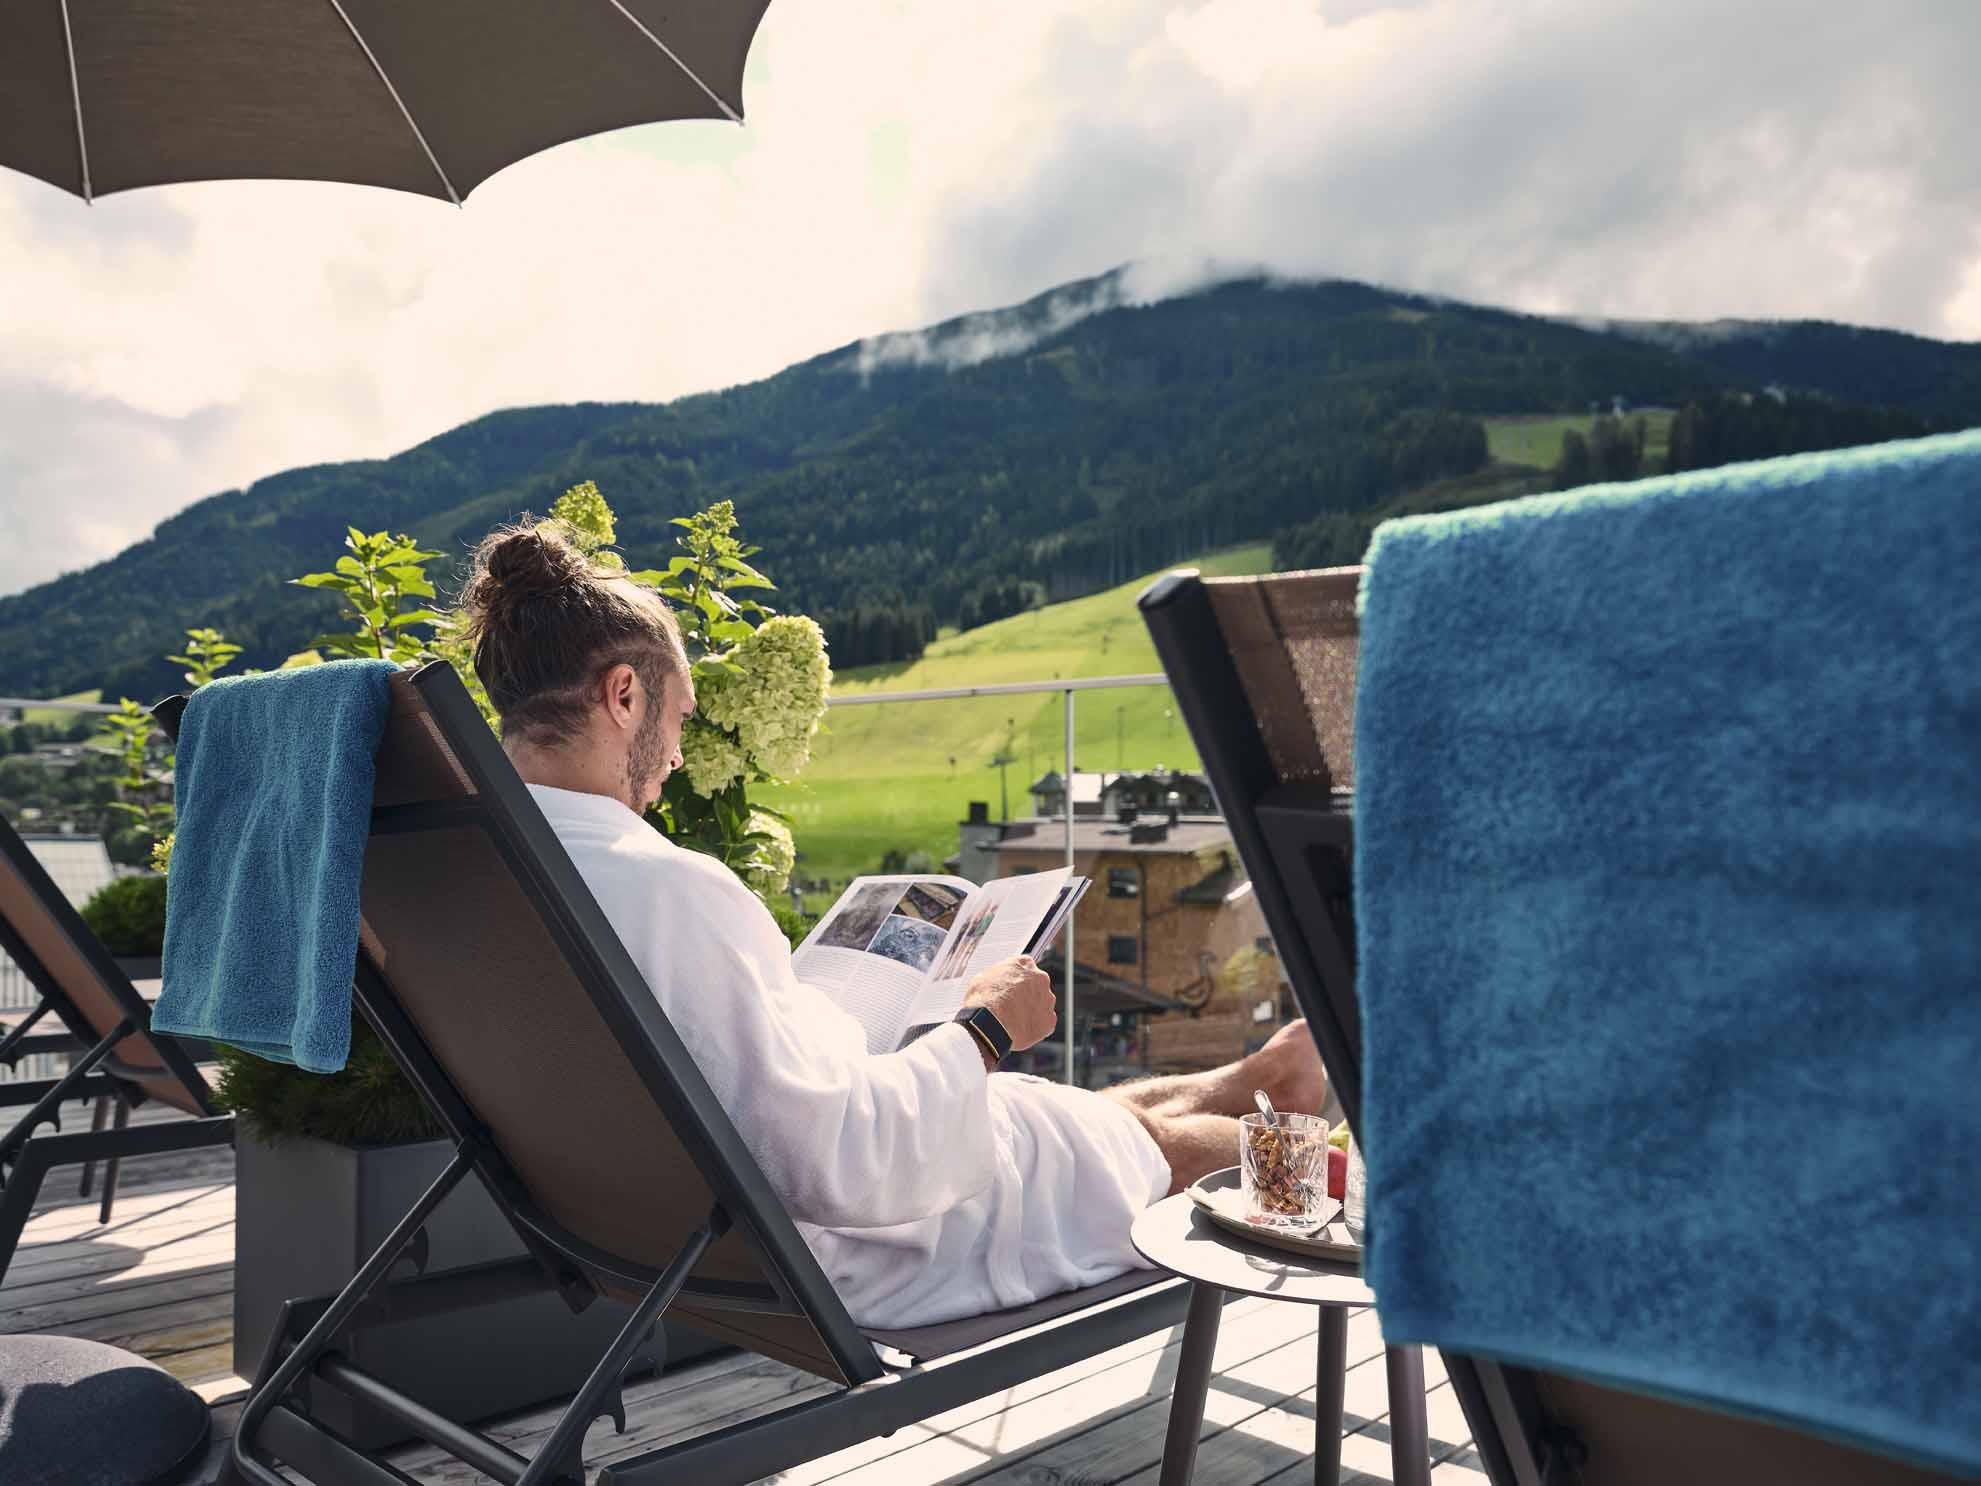 Ein Mann liest eine Zeitschrift und liegt auf dem Liegestuhl auf der Dachterrasse